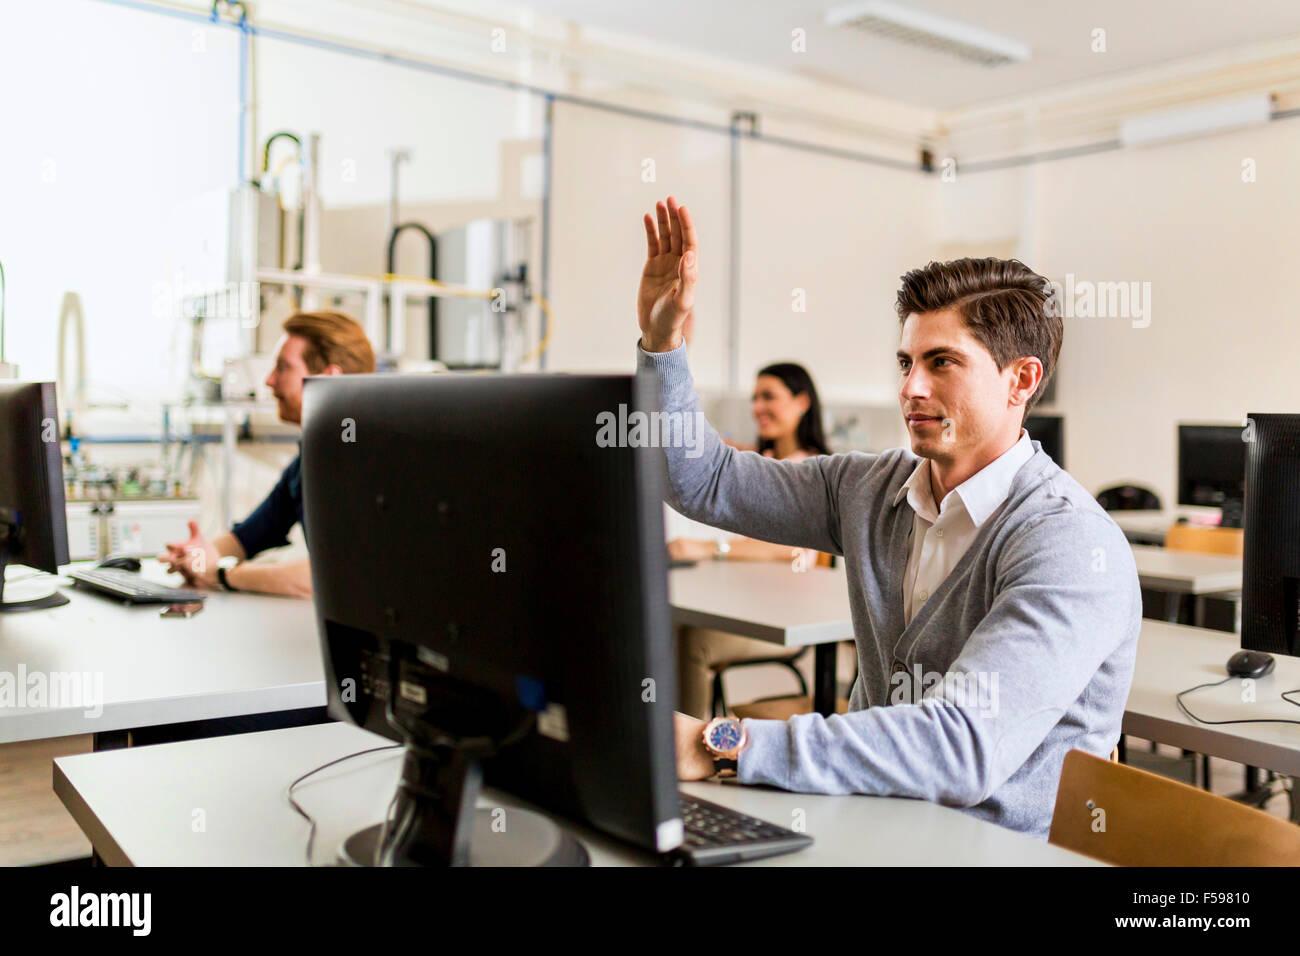 Joven apuesto hombre sentado delante de un PC levantando la mano Imagen De Stock